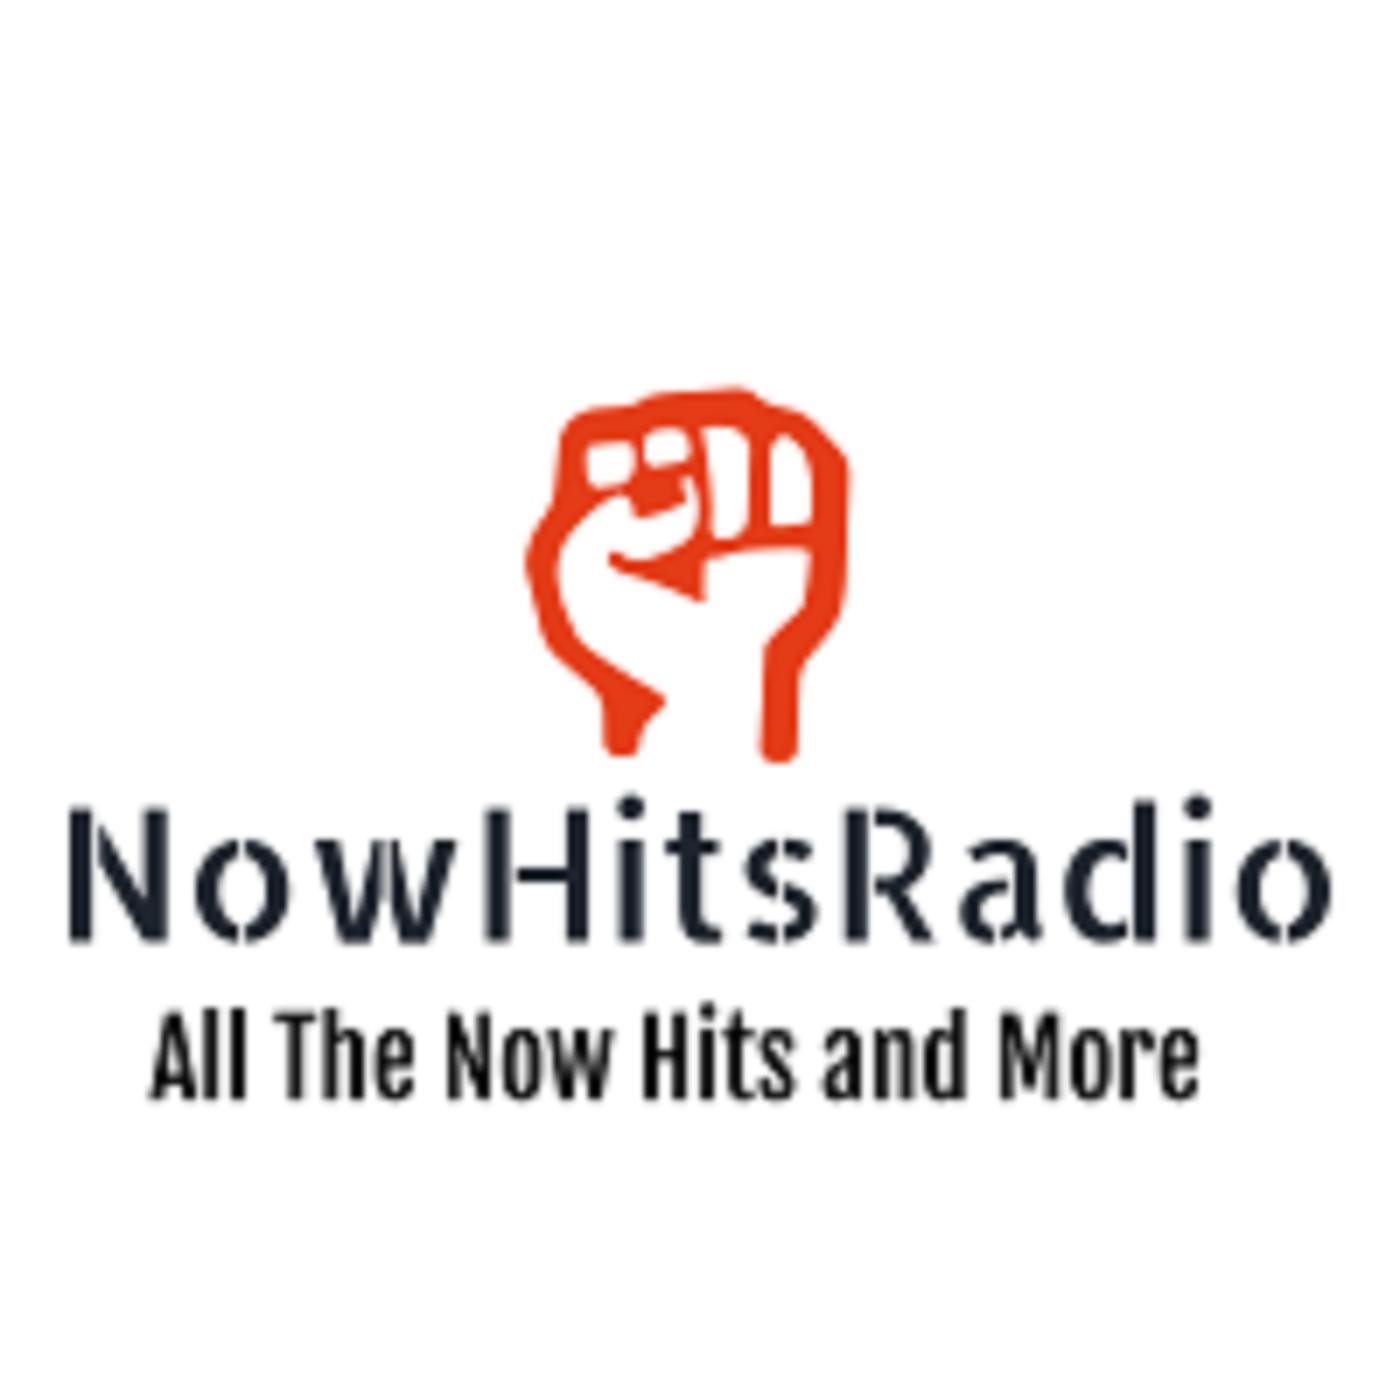 nowhitsradiouk